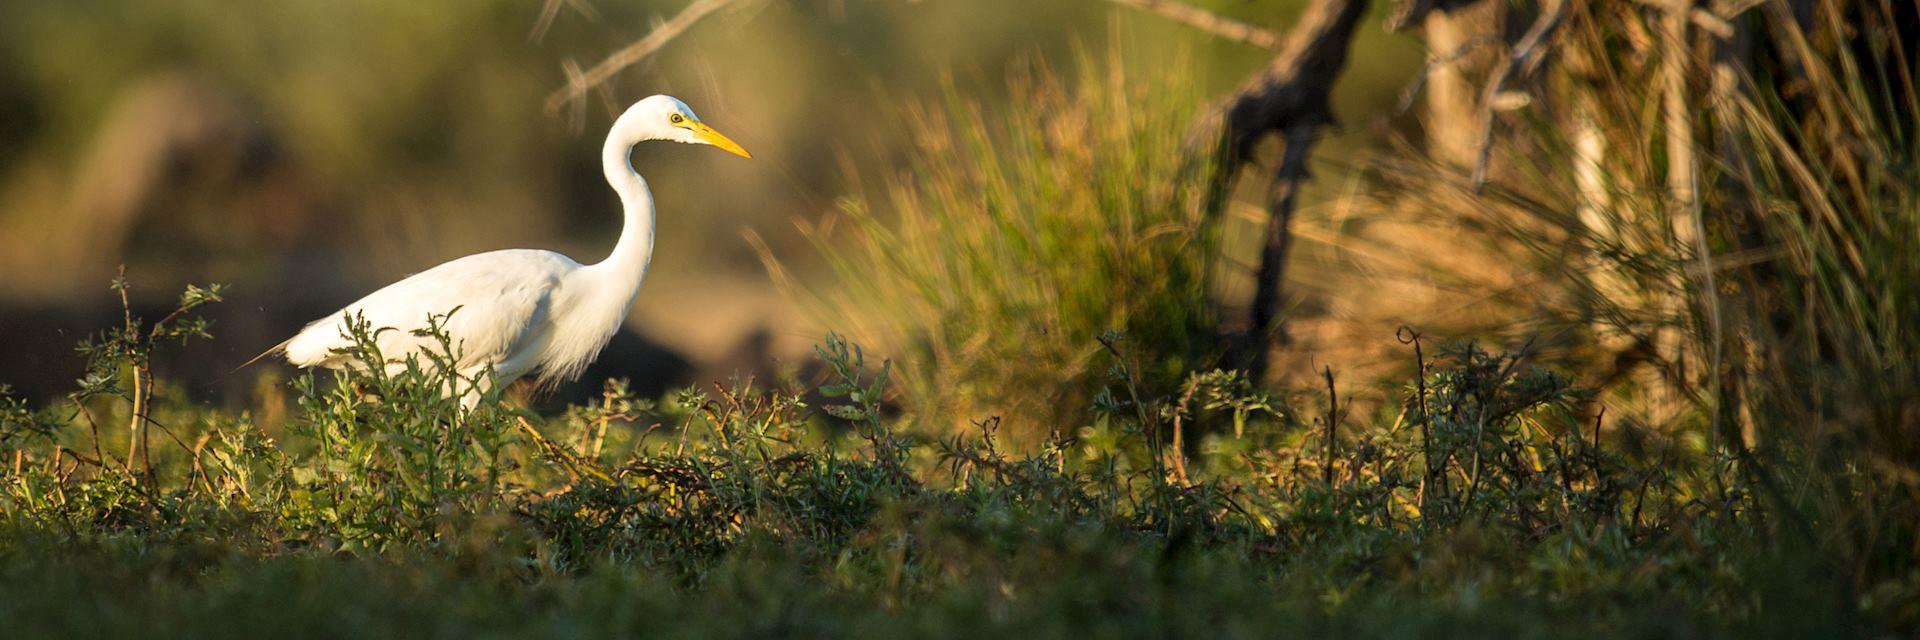 White egret, Katima Mulilo